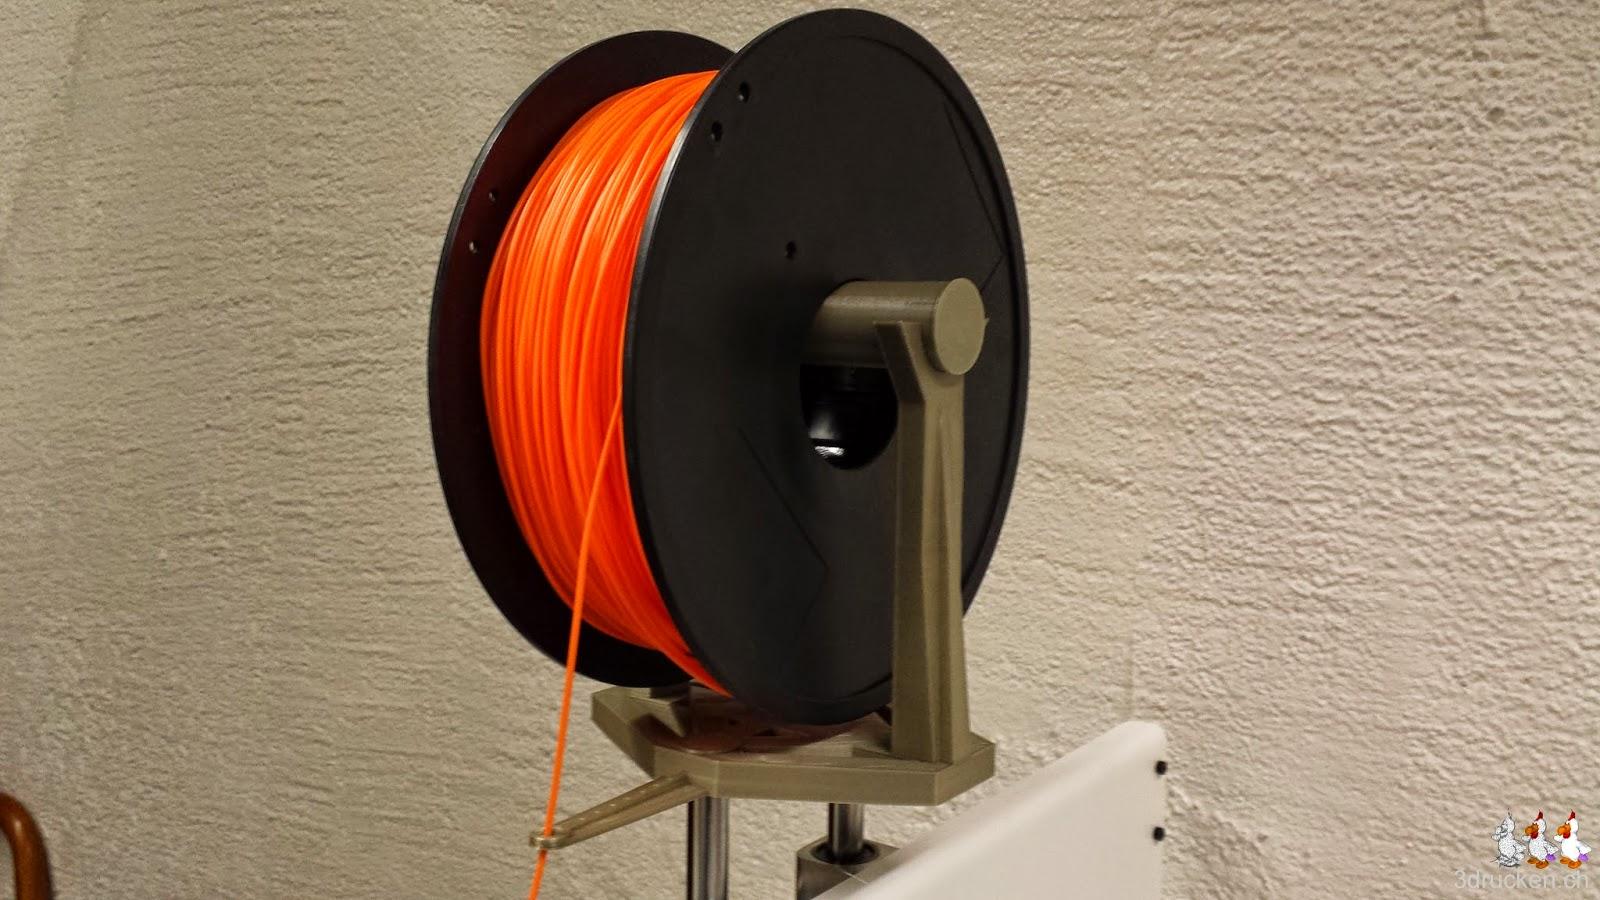 Foto der zweiten stabileren Rollenhalterung am Printrbot Simple Metal